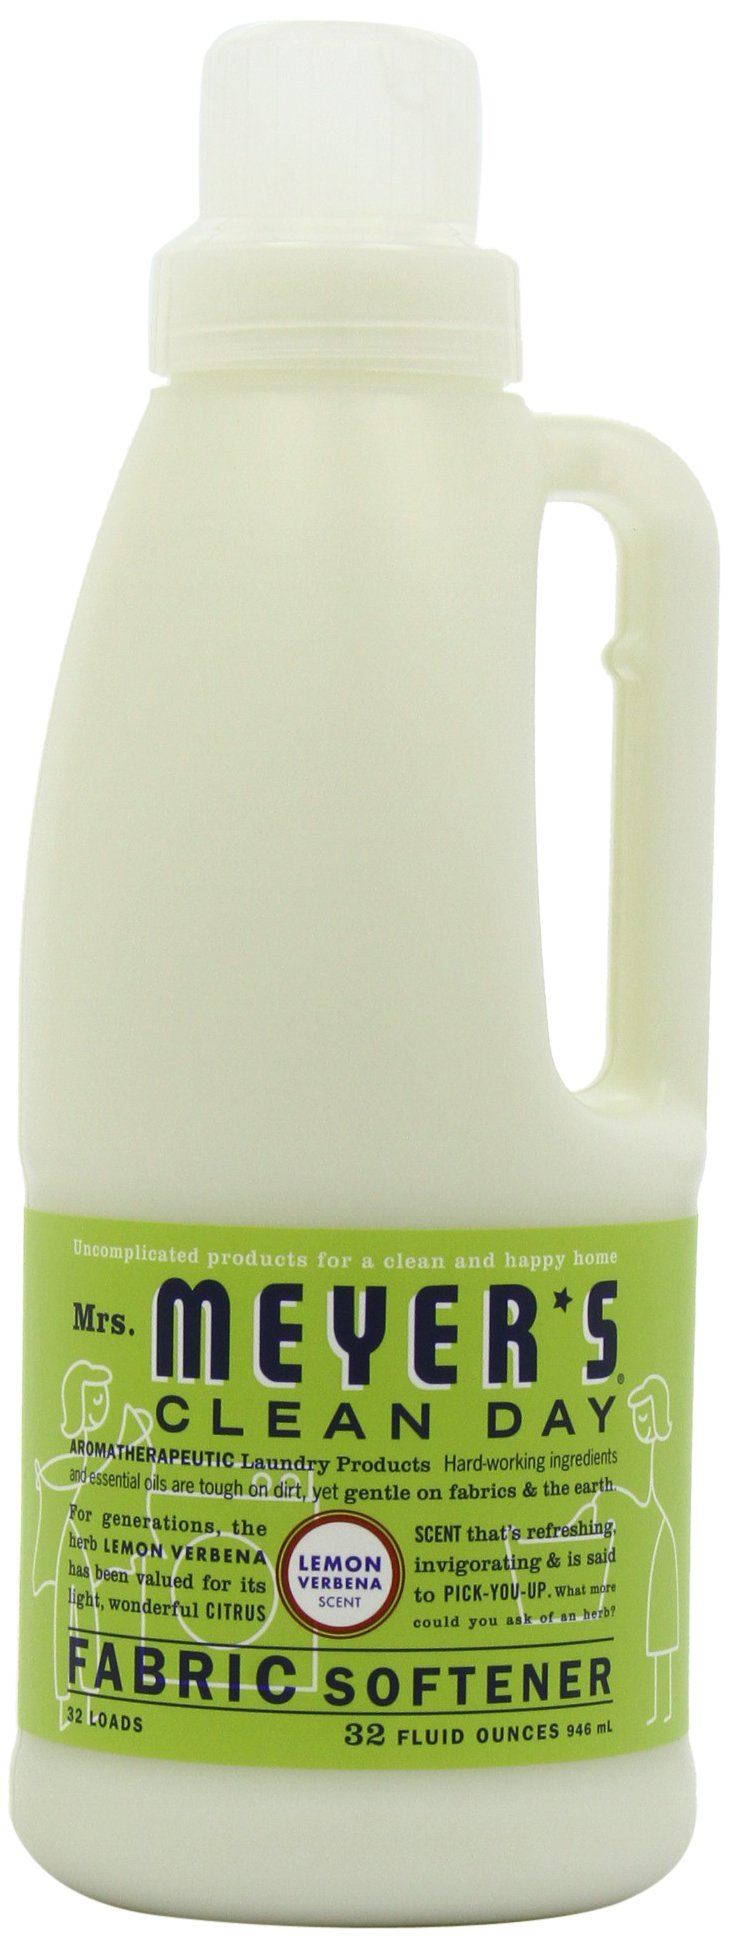 Mrs. Meyer's Clean Day Fabric Softener, Lemon Verbena, 32-Ounce Bottles (Case of 6)